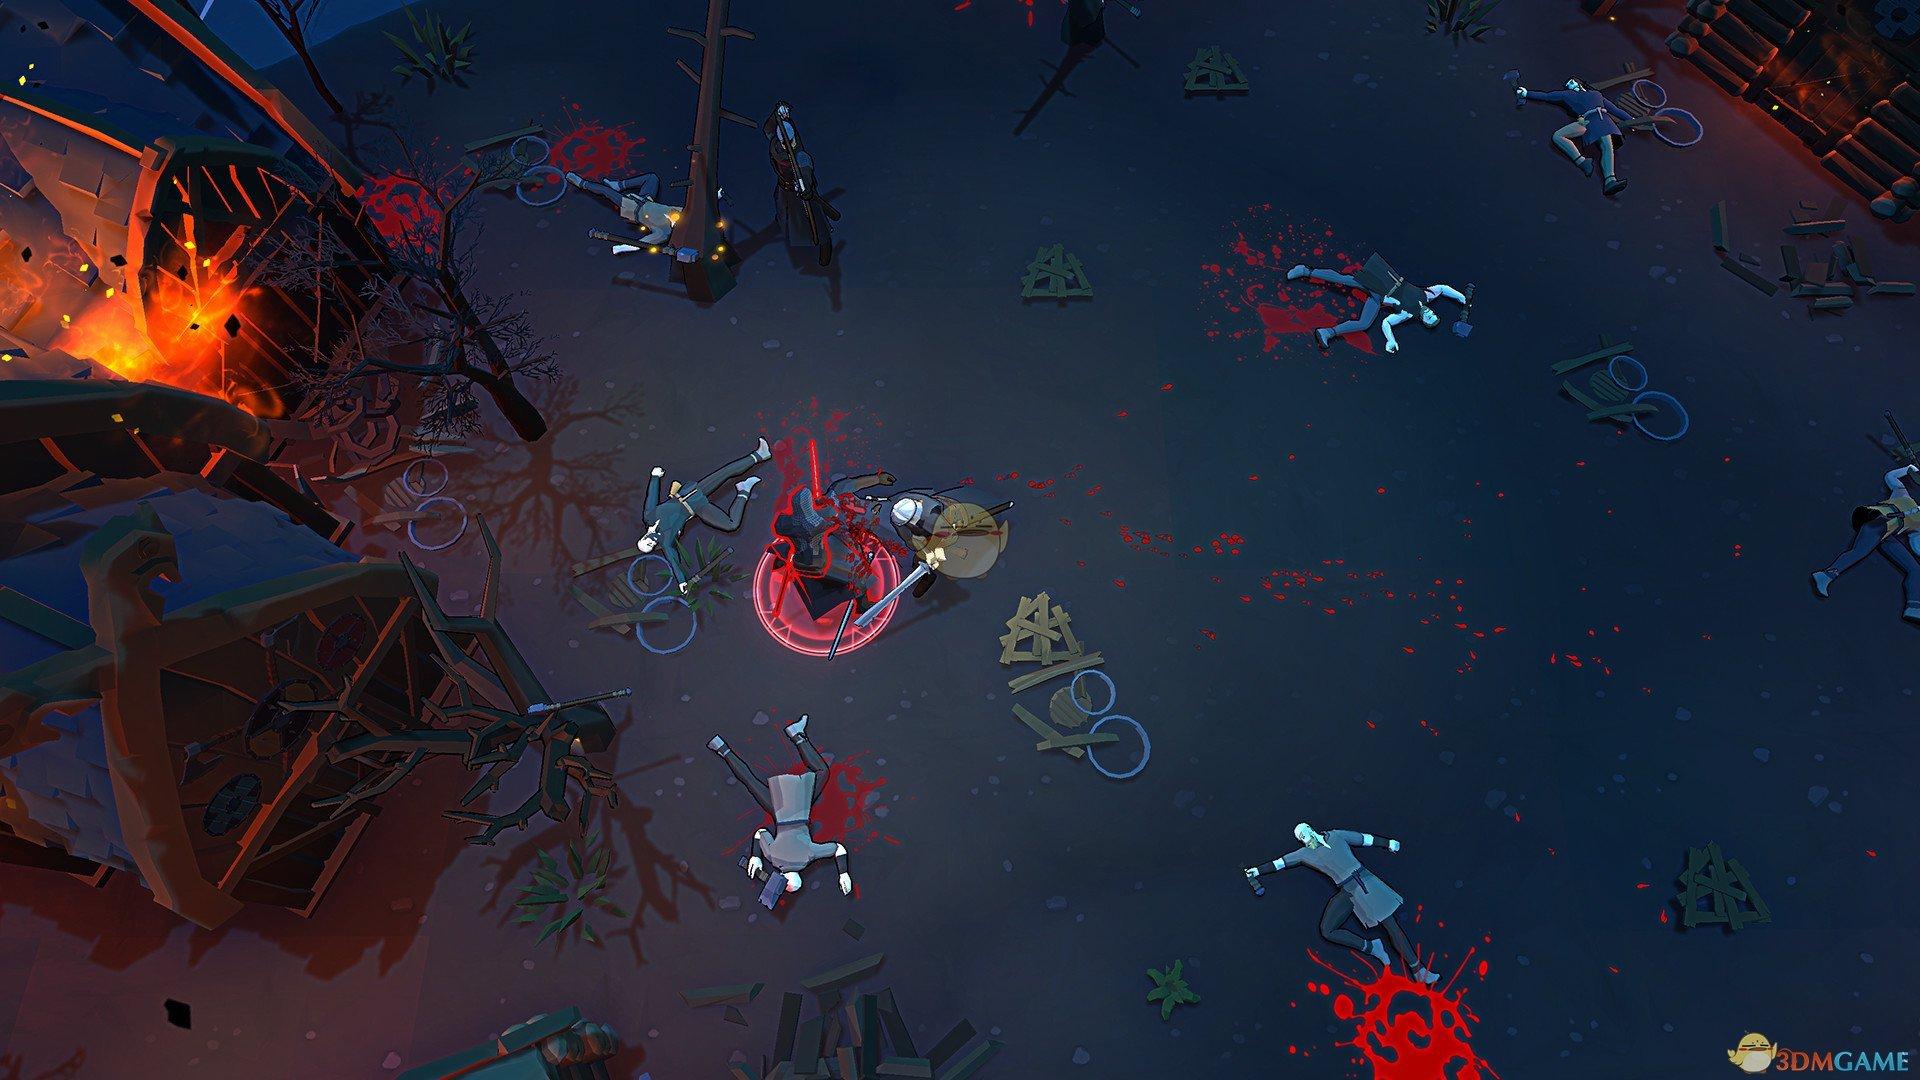 《维京复仇》游戏特色内容介绍